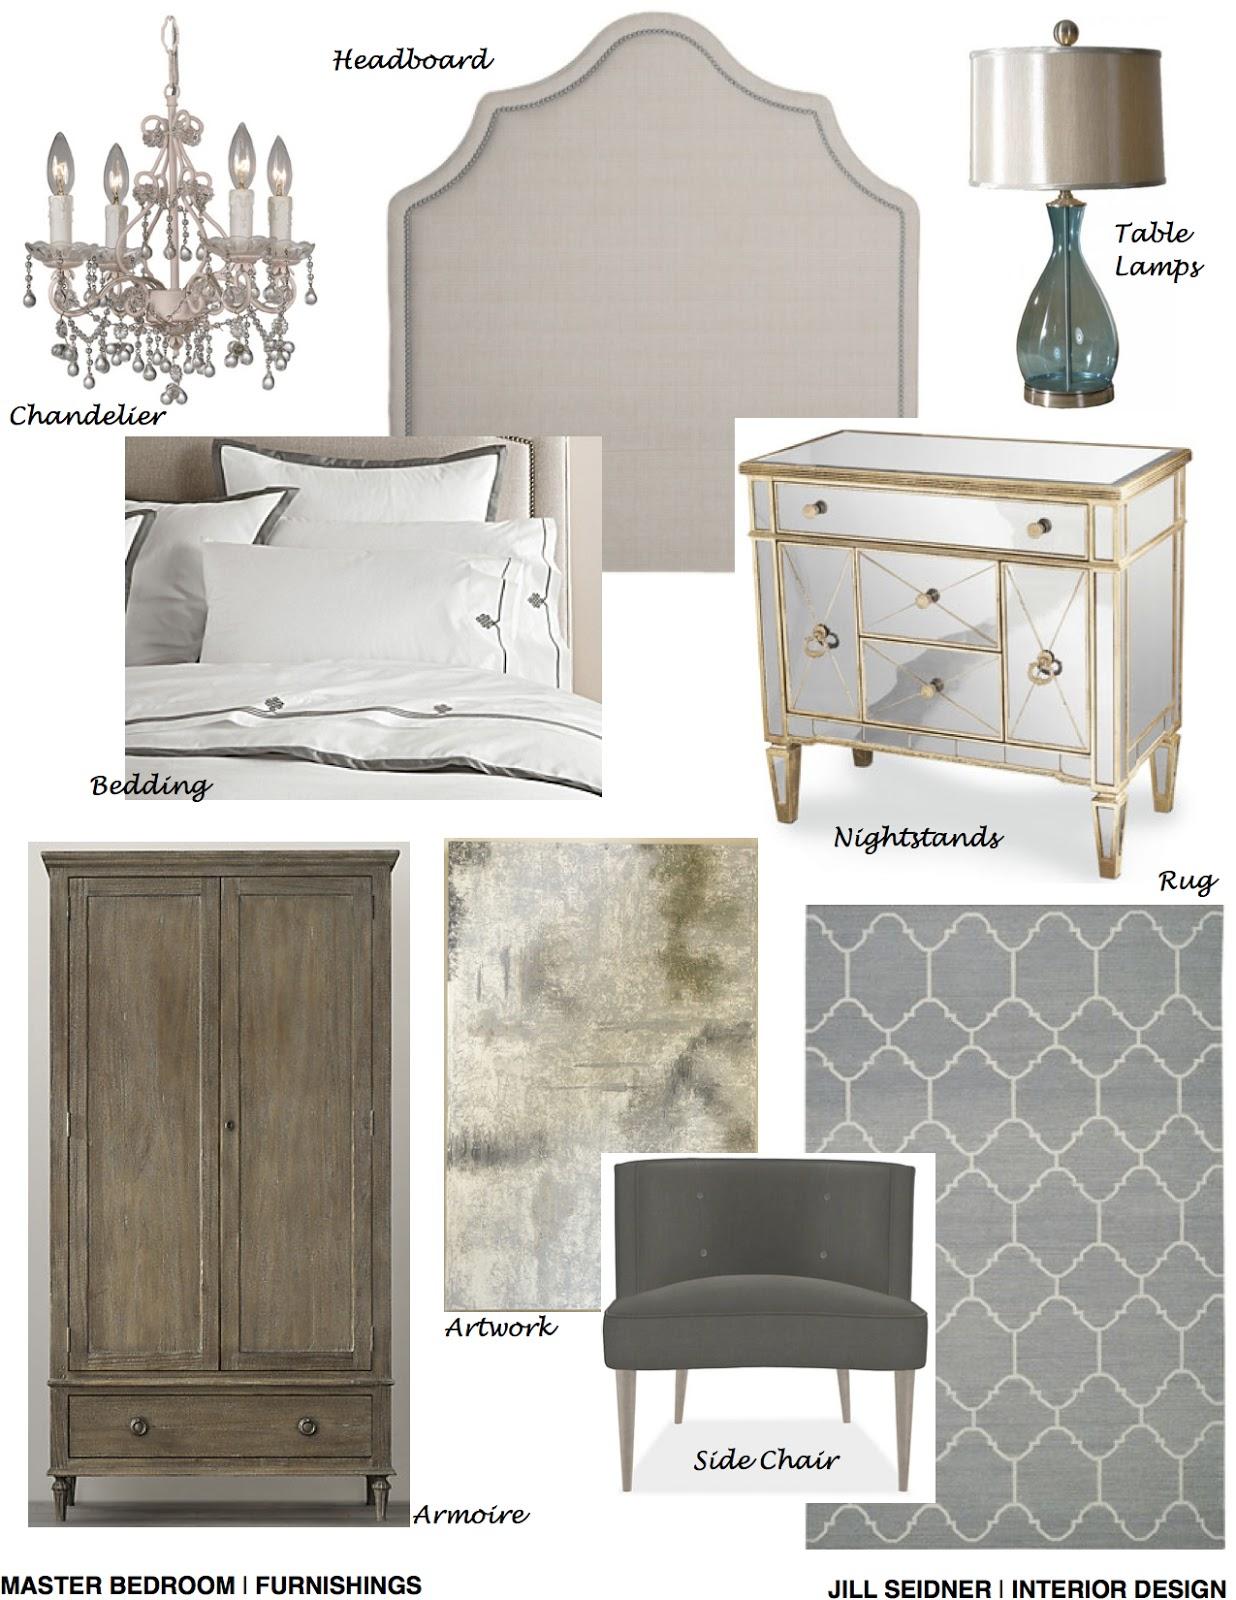 Room Design Online Free: INTERIOR DESIGN